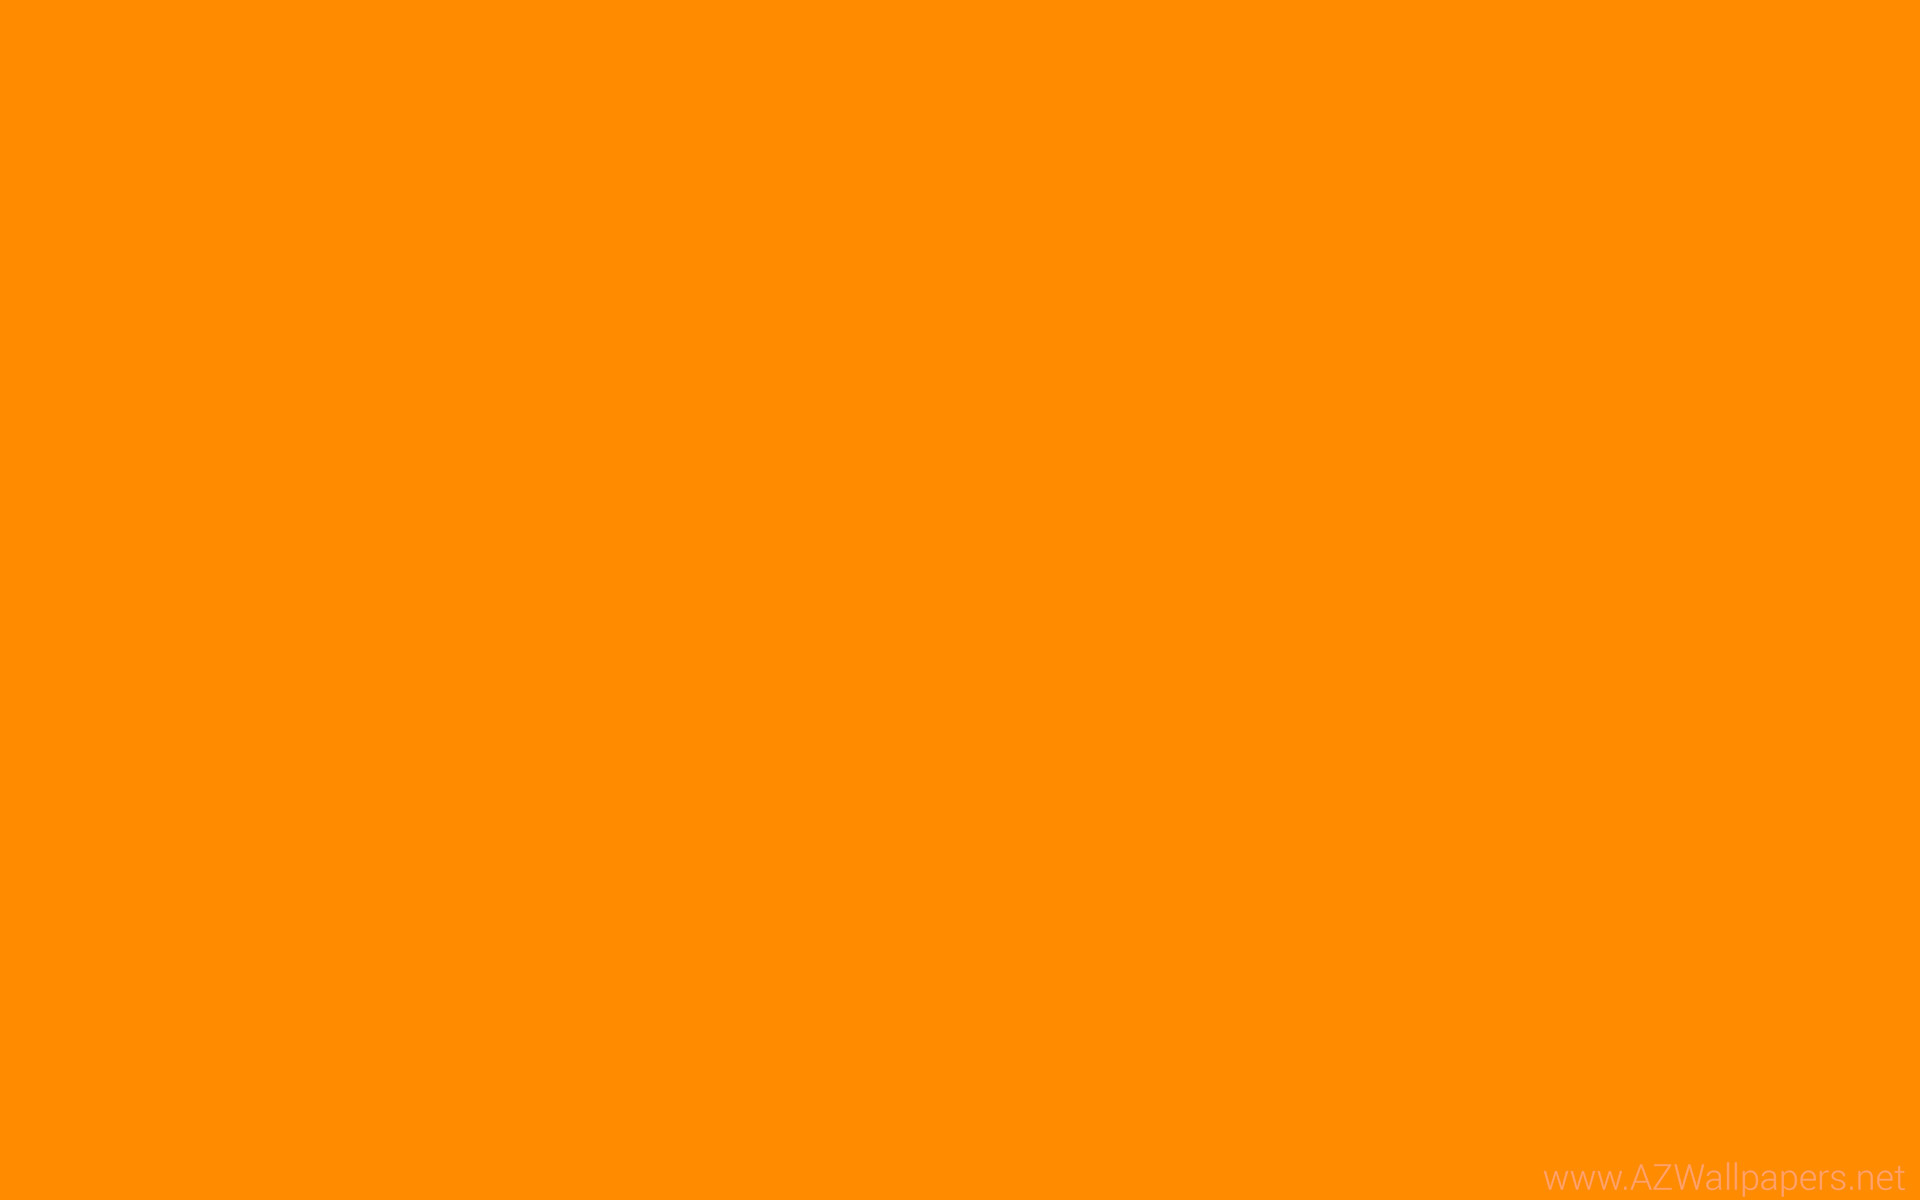 Aero <b>Dark Orange</b> 4 HD <b>desktop